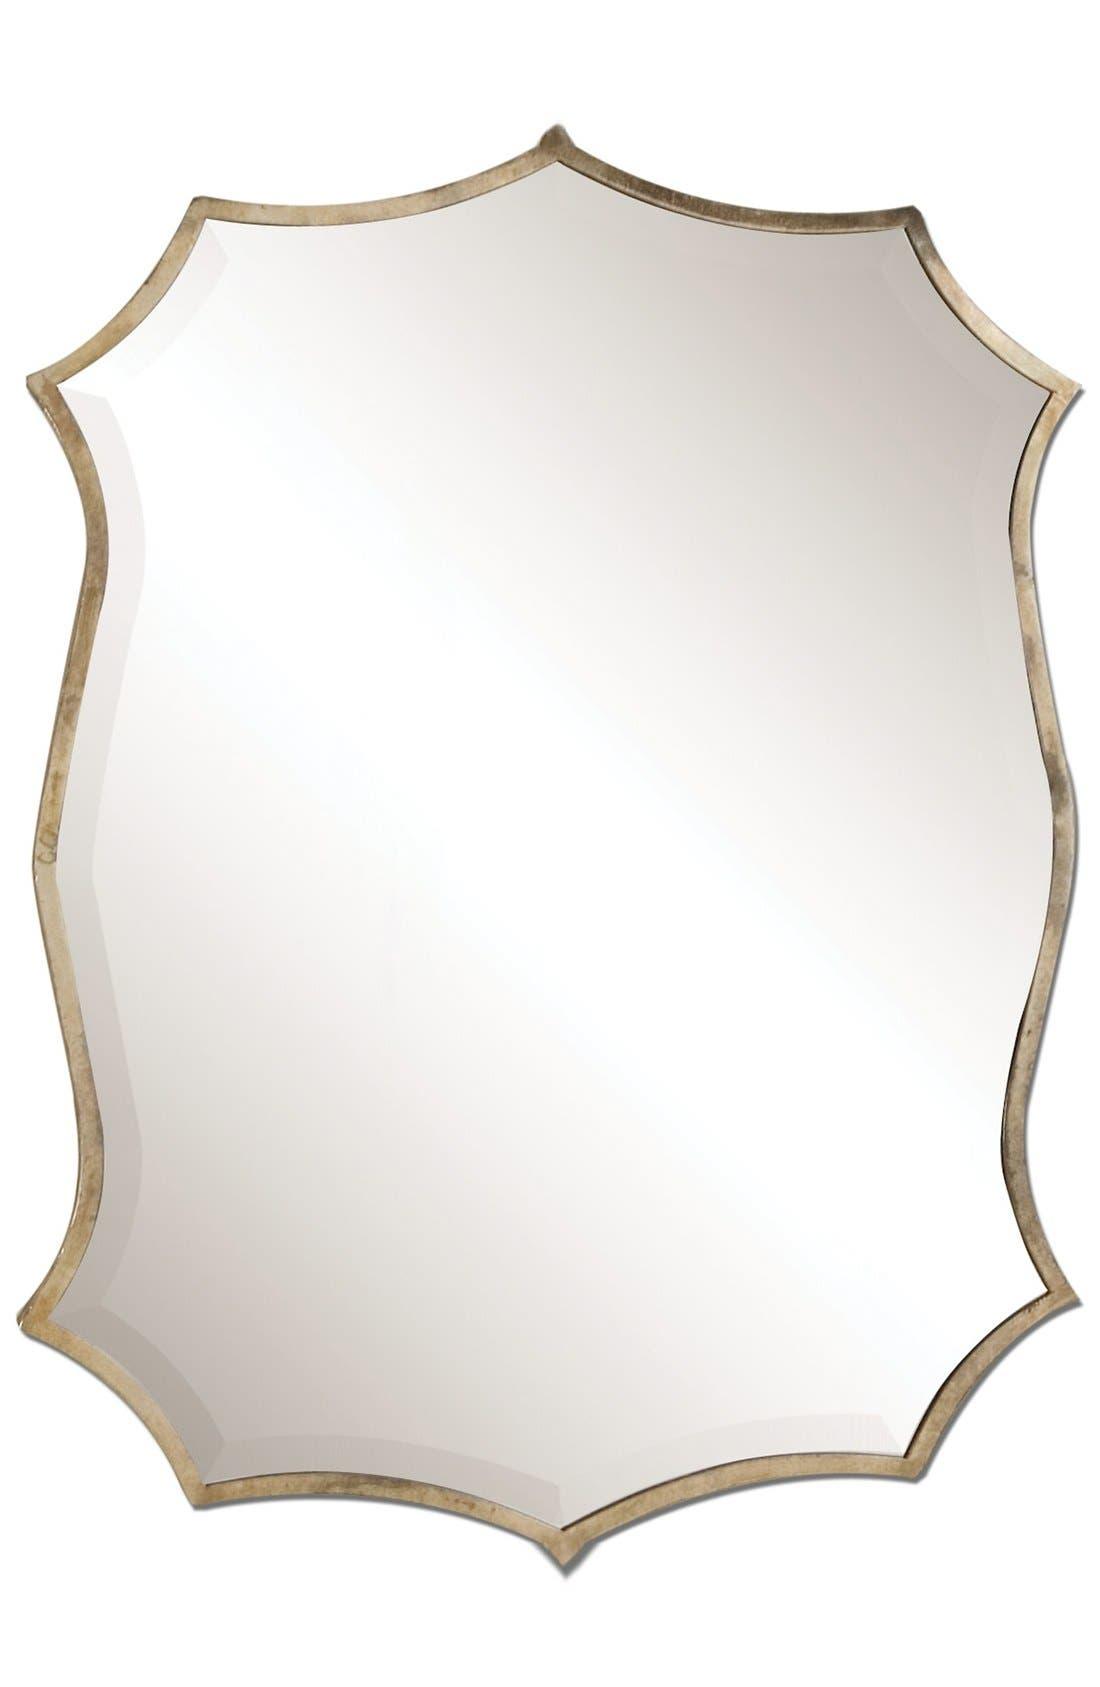 'Migiana' Oxidized Nickel Wall Mirror,                         Main,                         color, Silver